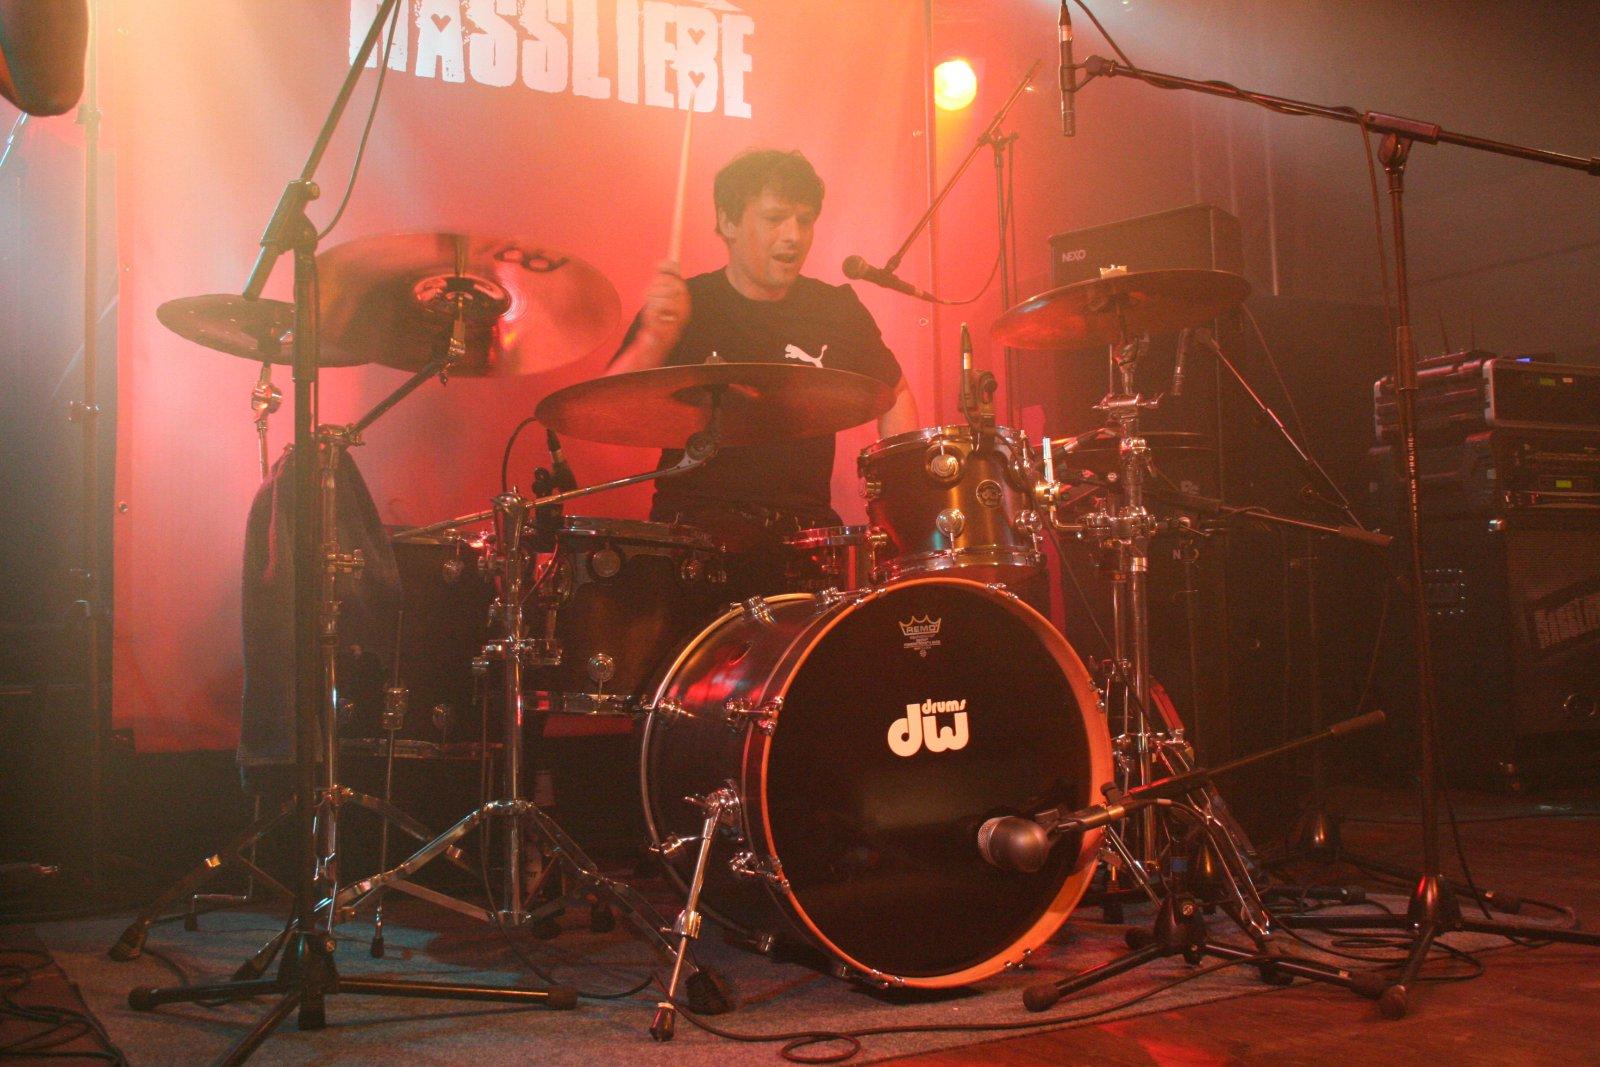 Hassliebe - Lennestadt Sauerlandhalle, 15.05.2010 - Foto von Andrea Jaeckel-Dobschat - 008